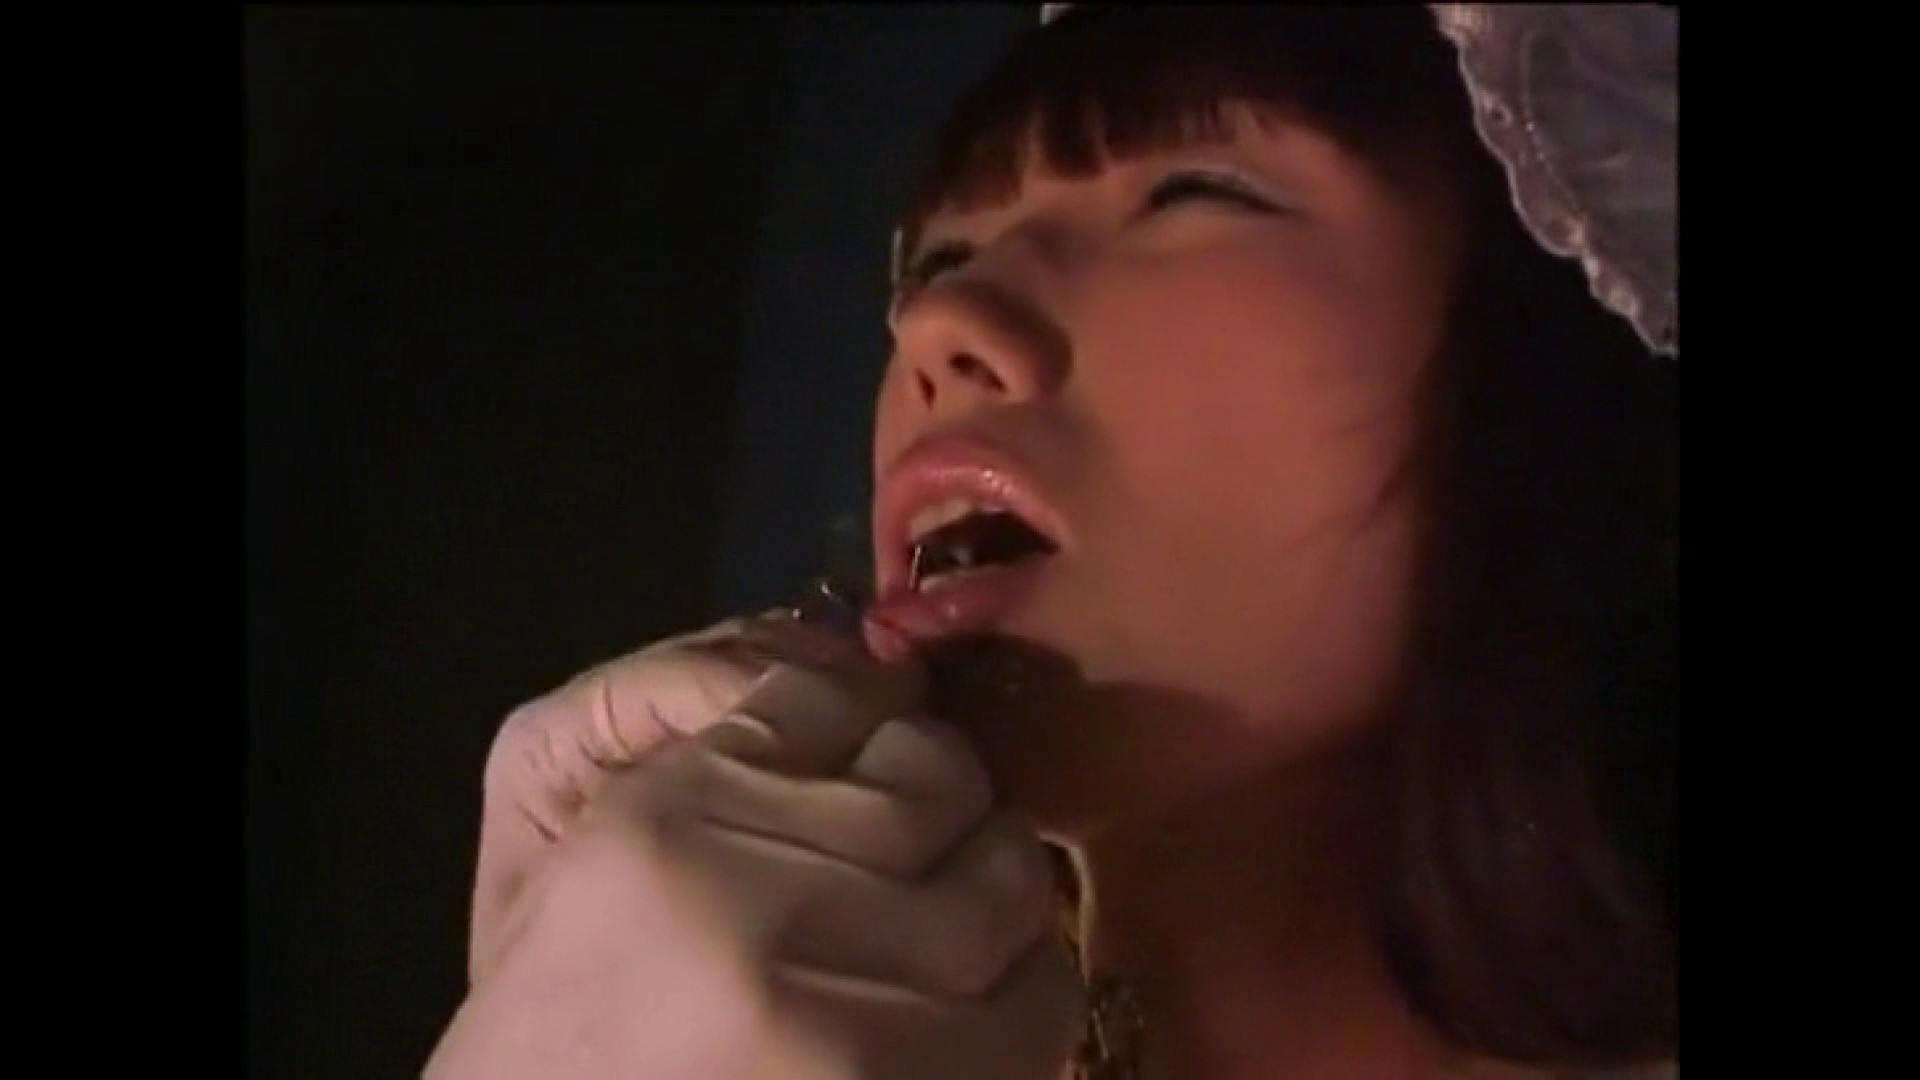 もっと衝撃的な刺激が欲しいの Vol.01 美しいOLの裸体  79pic 52